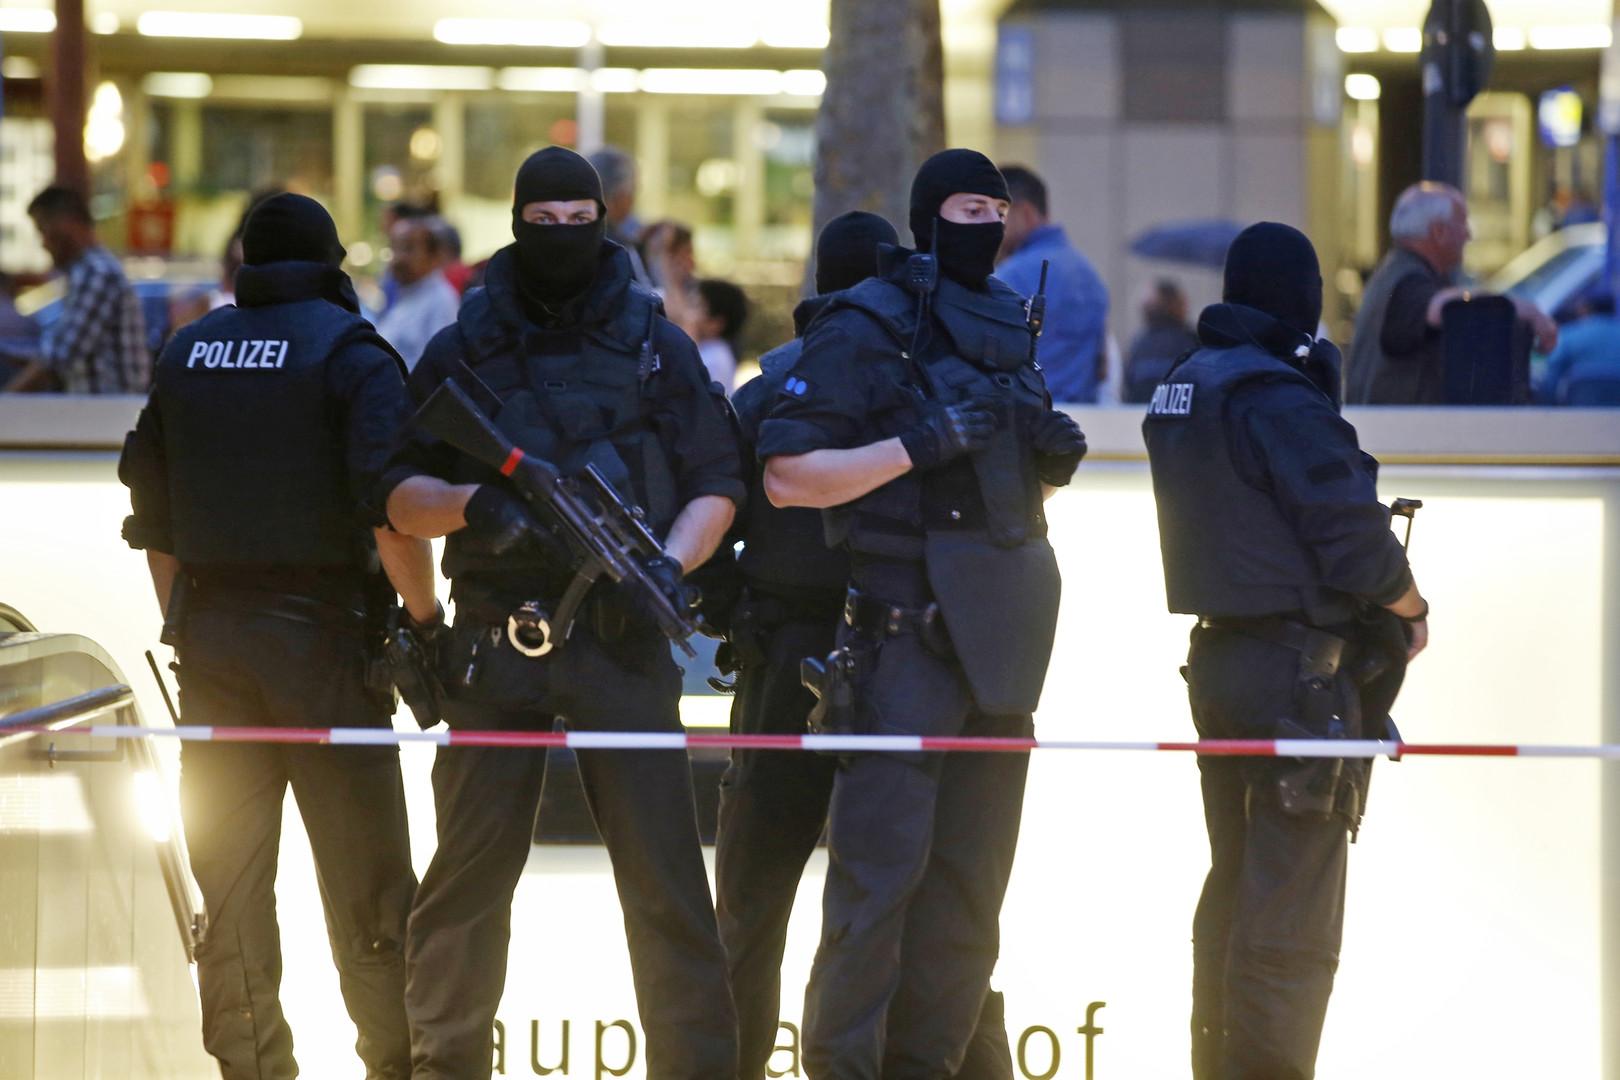 СМИ: Спецназ Германии не смог прибыть к месту стрельбы в Мюнхене из-за нехватки вертолётов